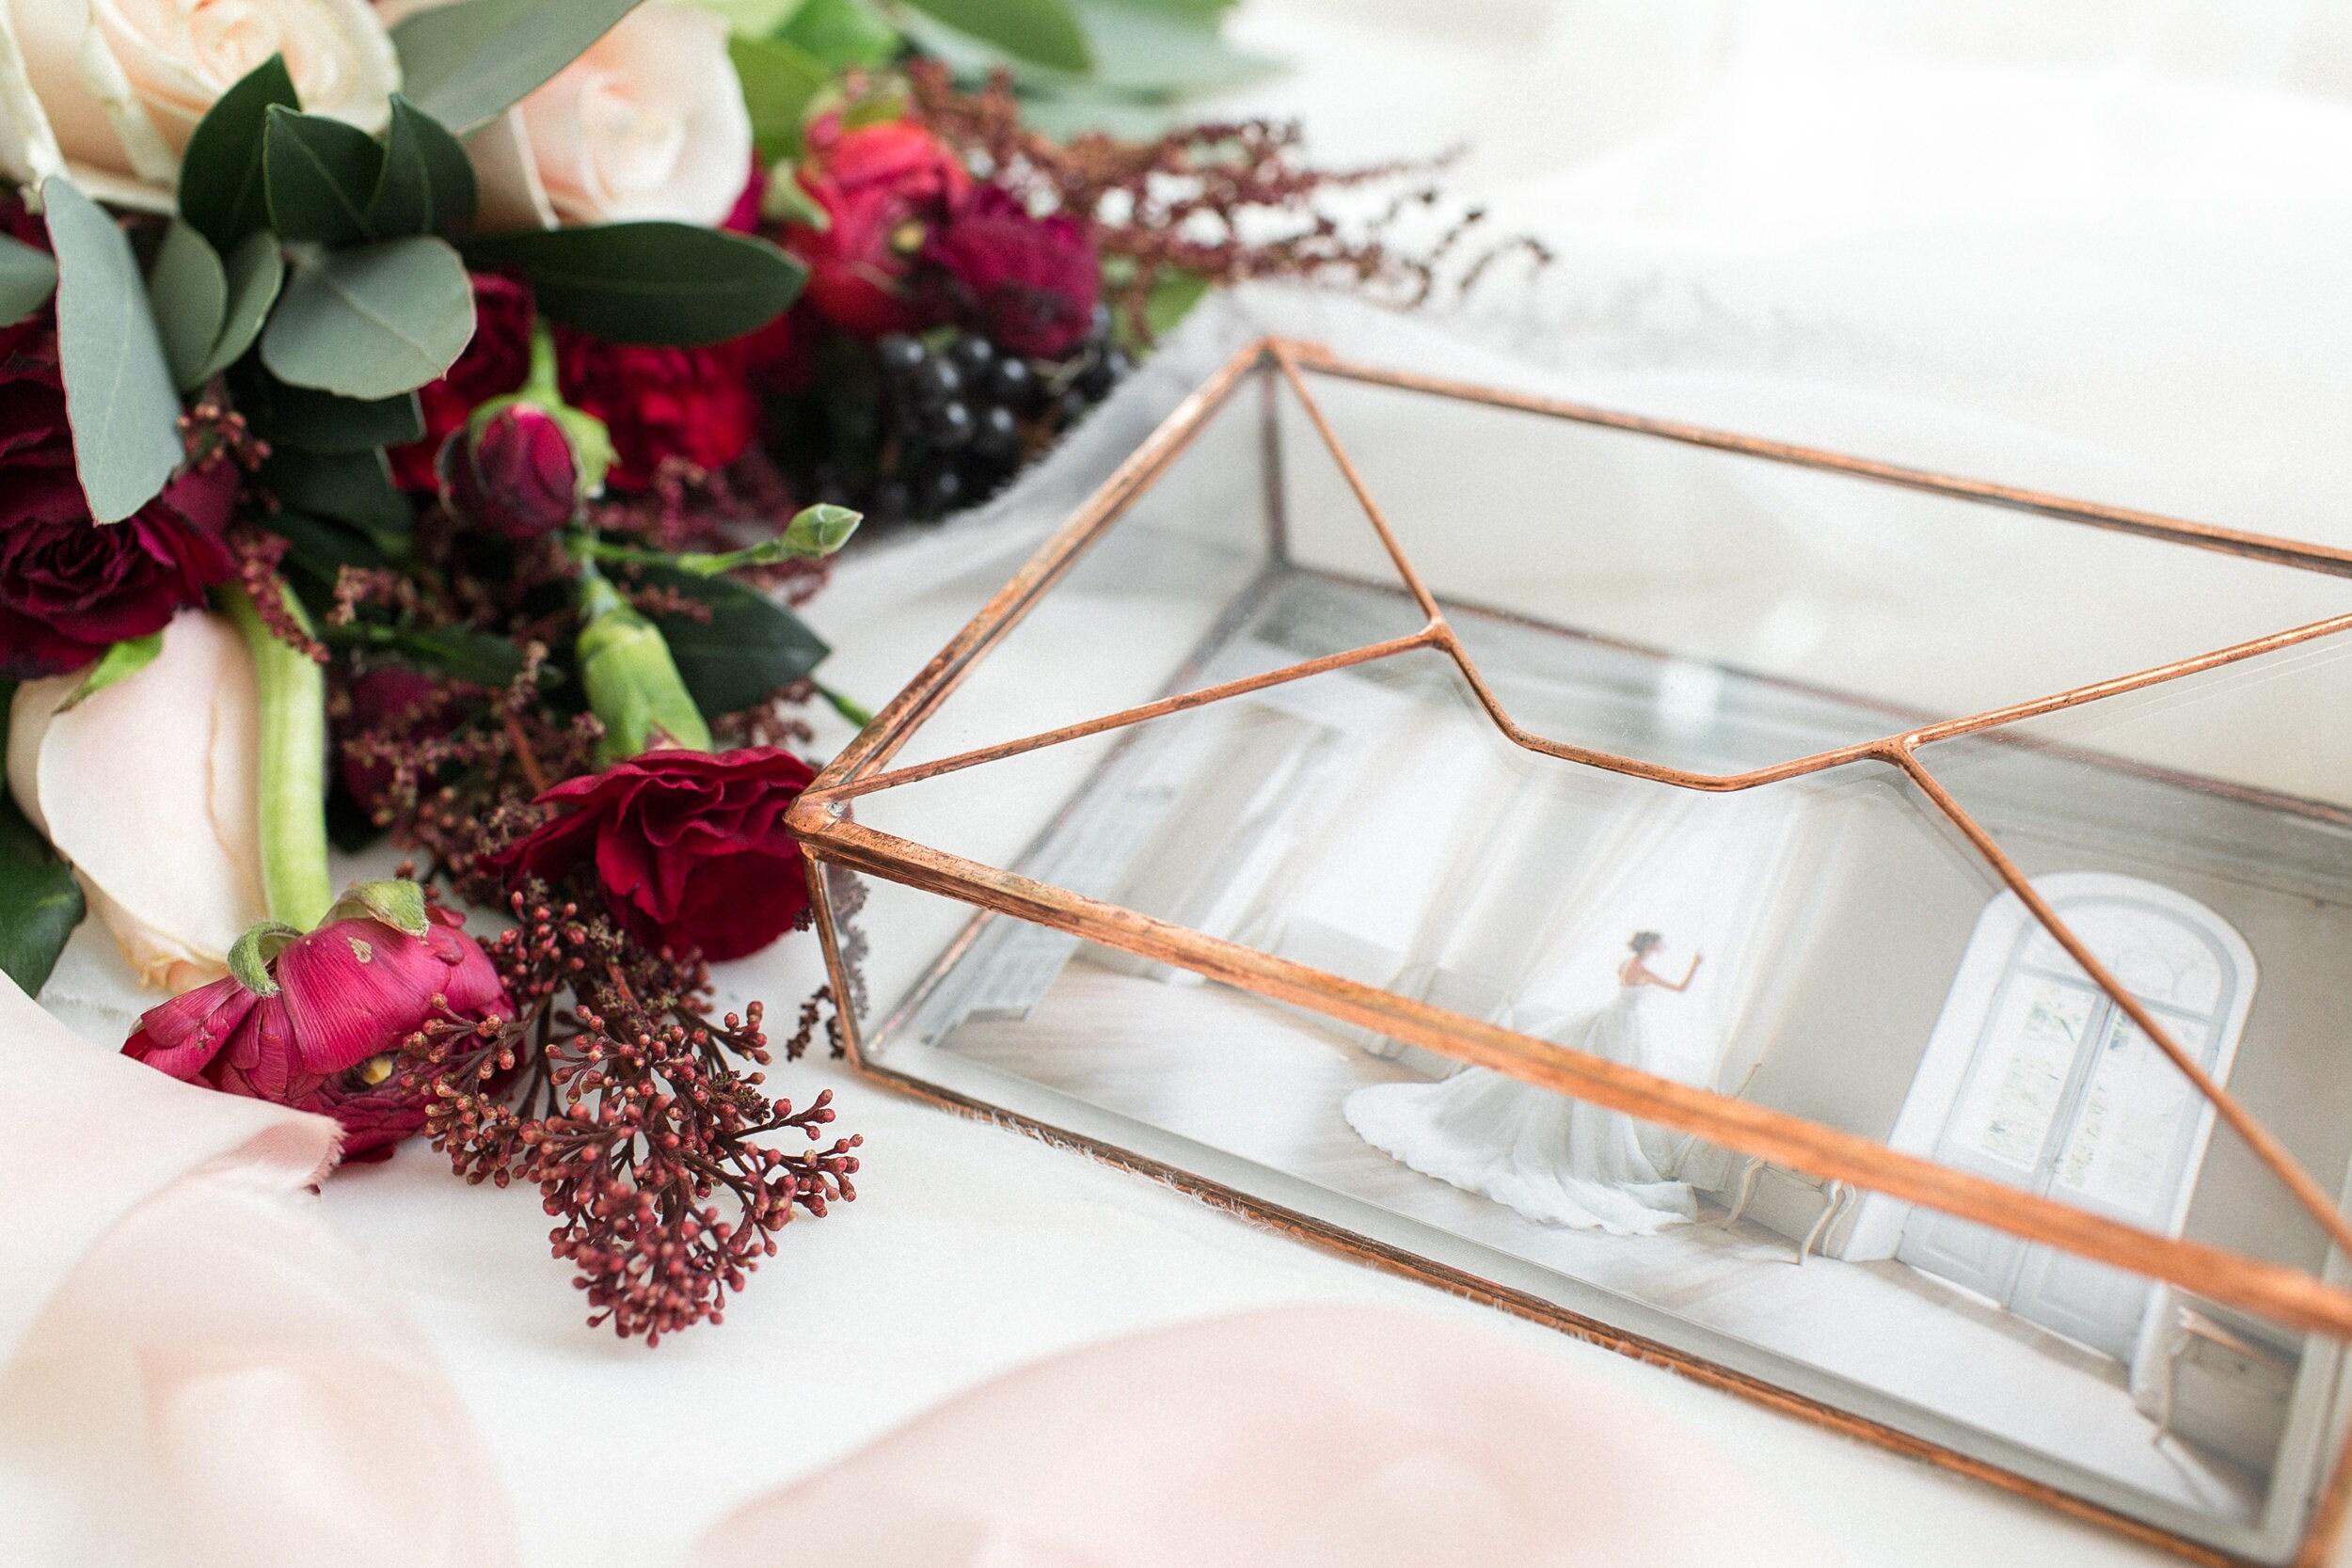 Glass Photo Box - Wedding Photo Box Jewelry Newlywed Gift Ring Small ...